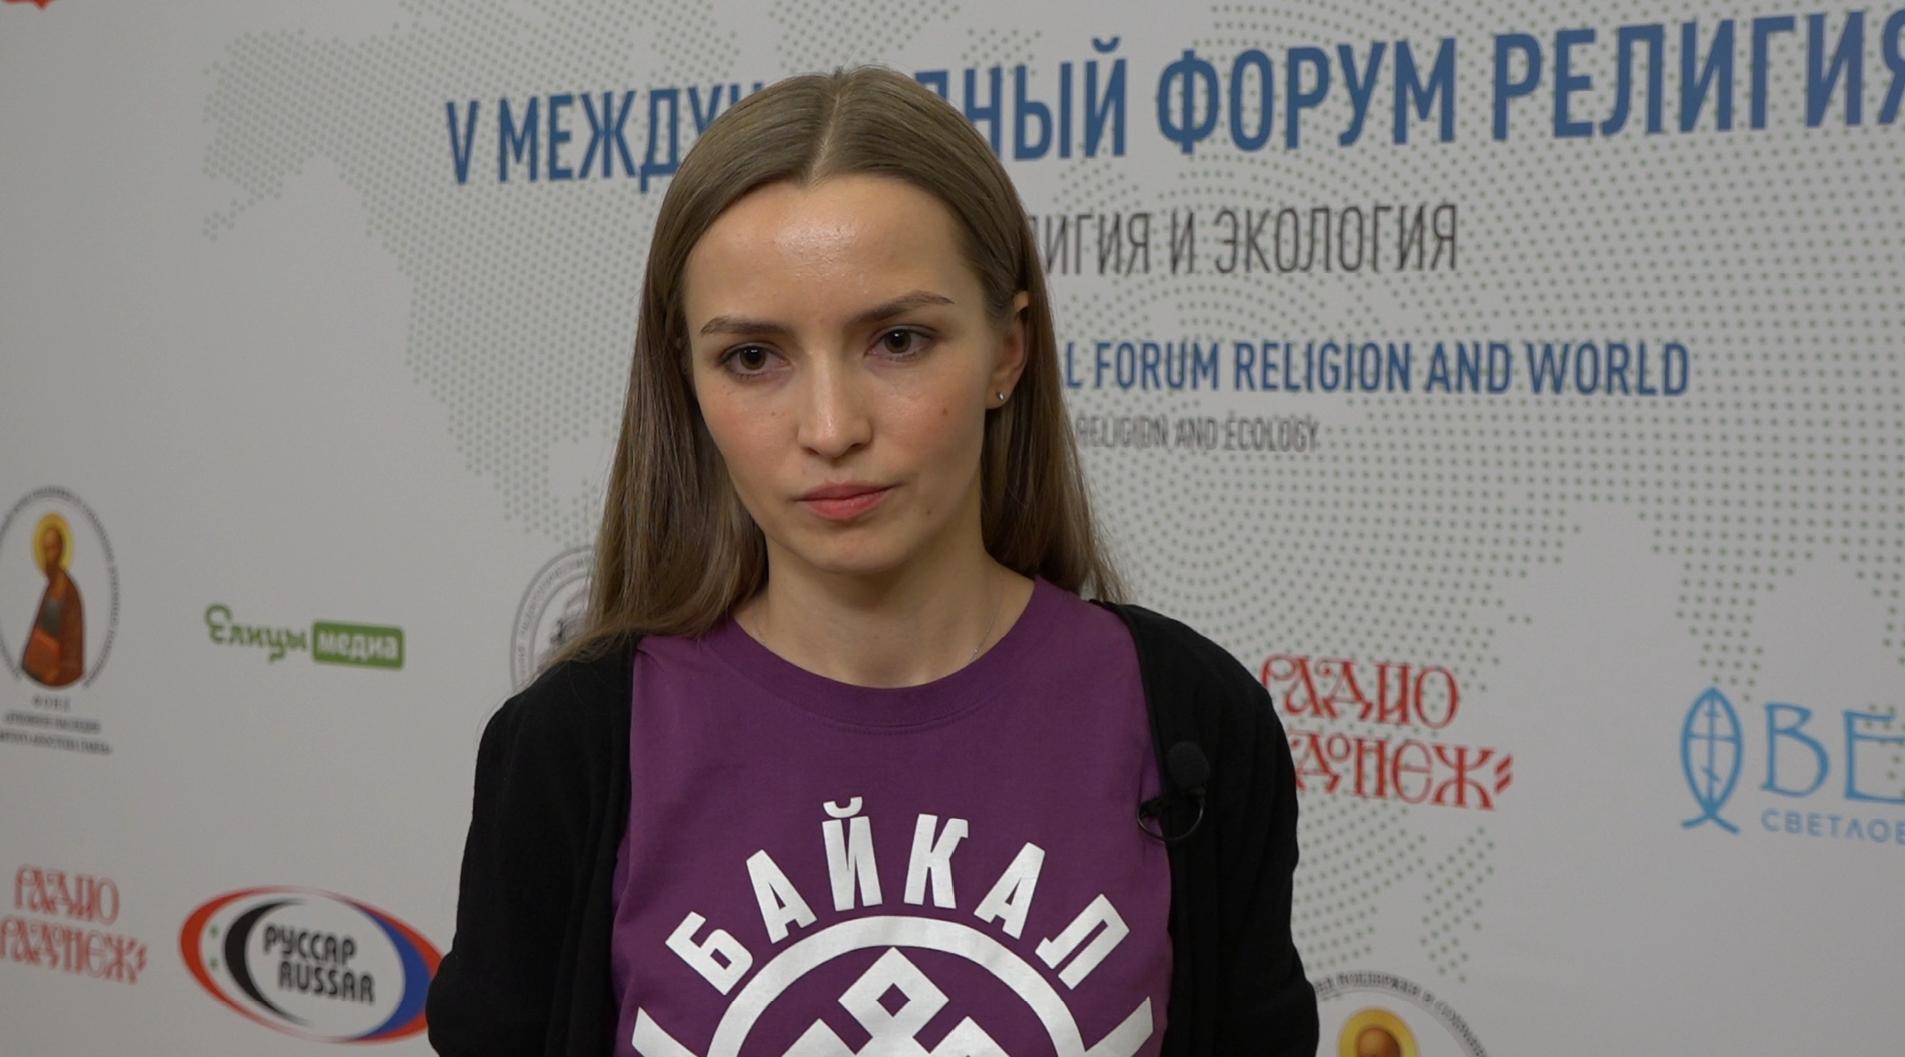 Интервью форум «Религия и мир: религия и экология» Маргарита Морозова.